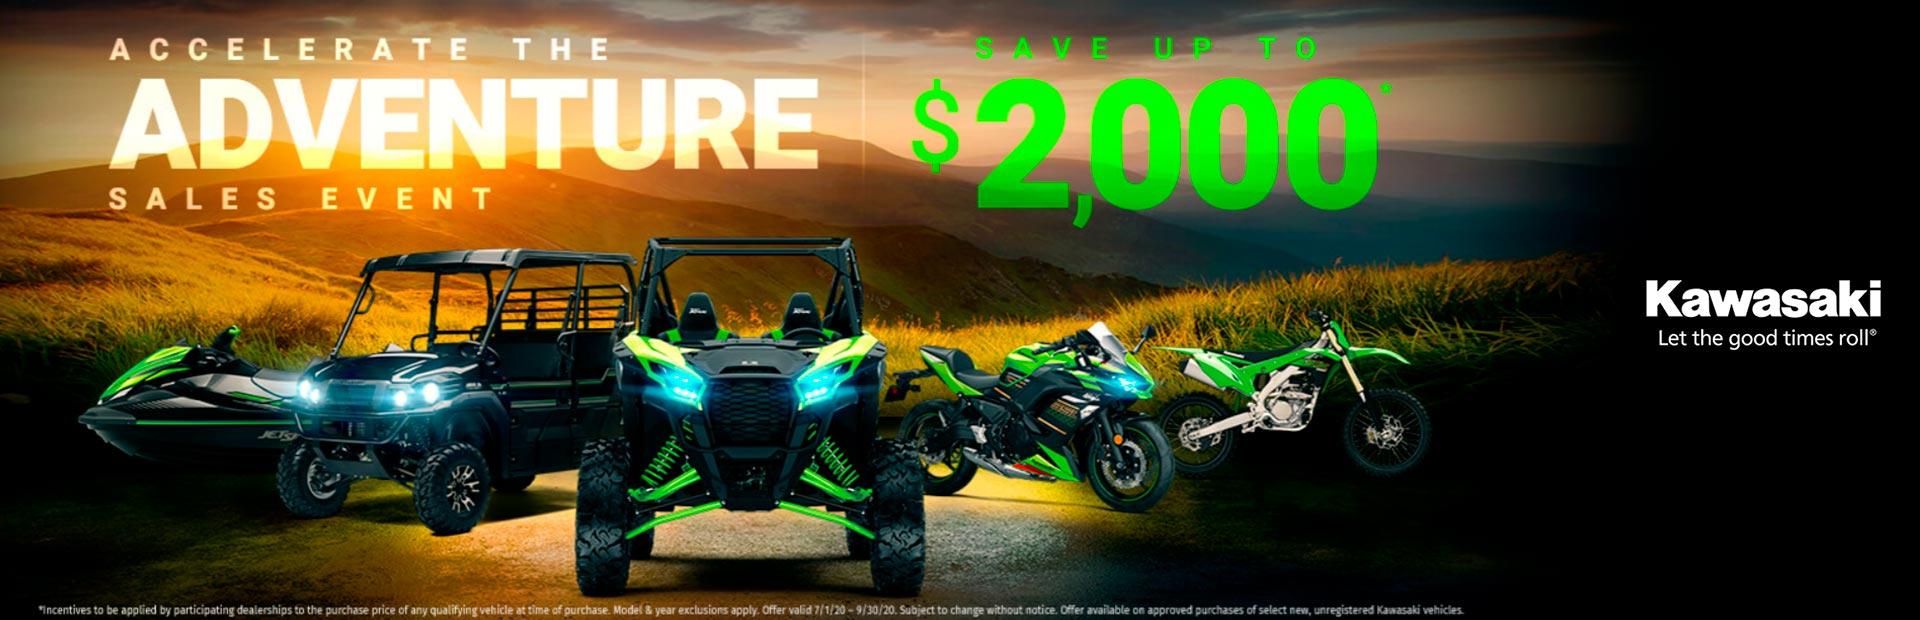 Home Carl S Cycle Sales Boise Id 208 853 5550